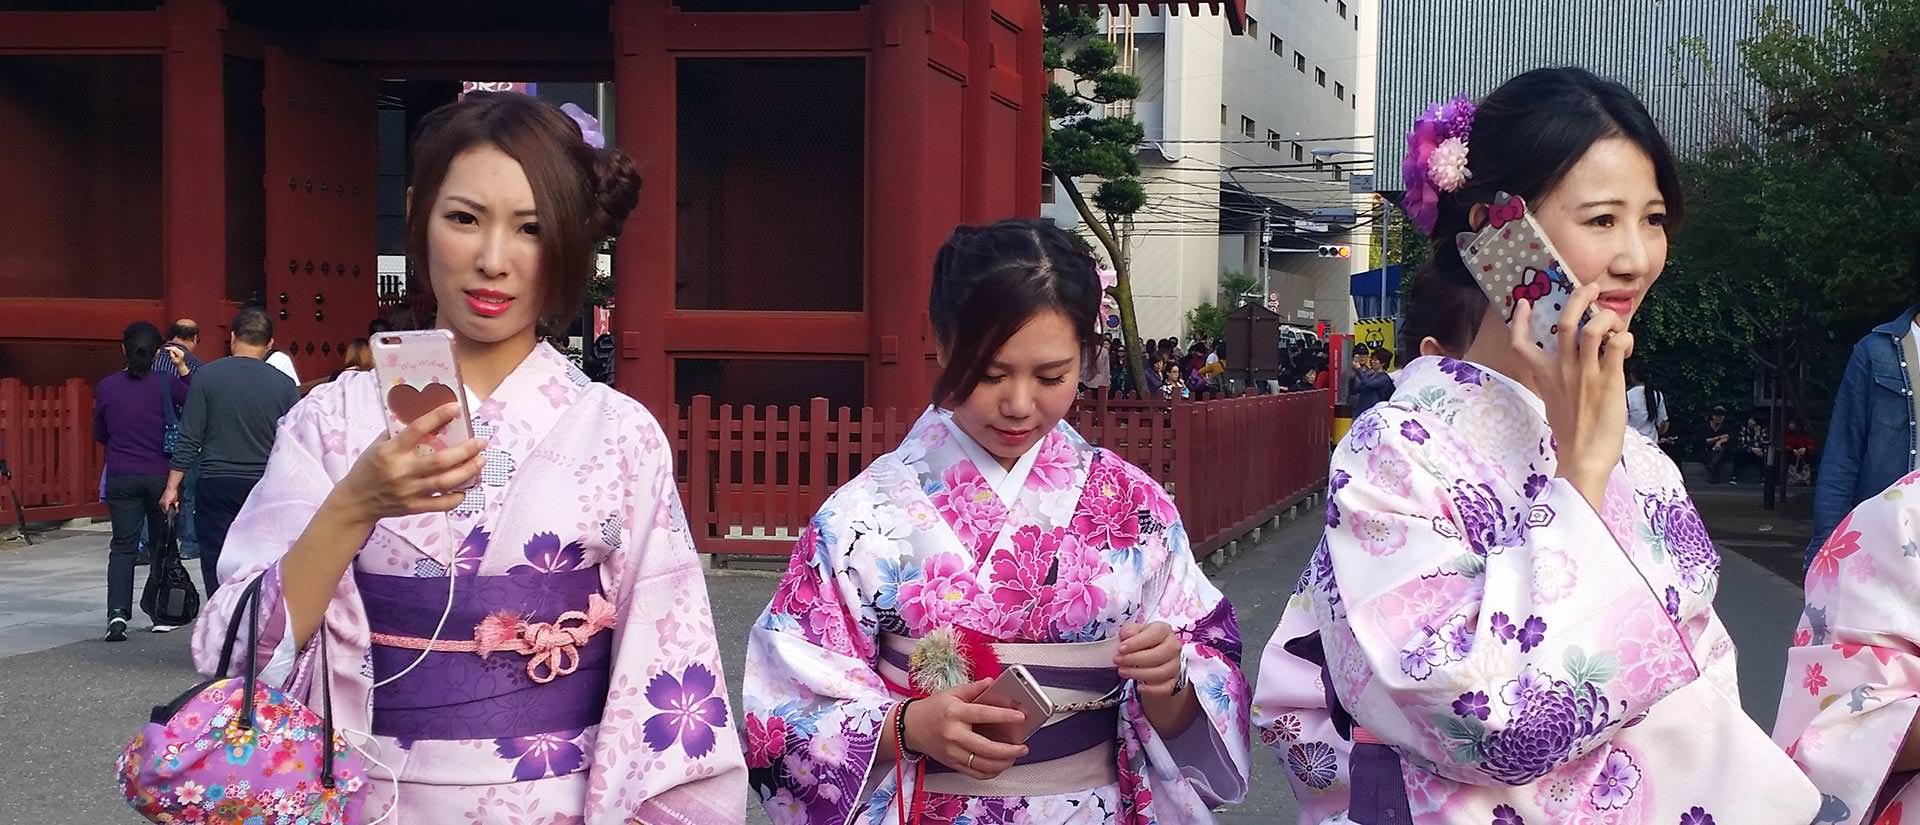 יפן והמערב - דברים שכל תייר ביפן צריך לדעת